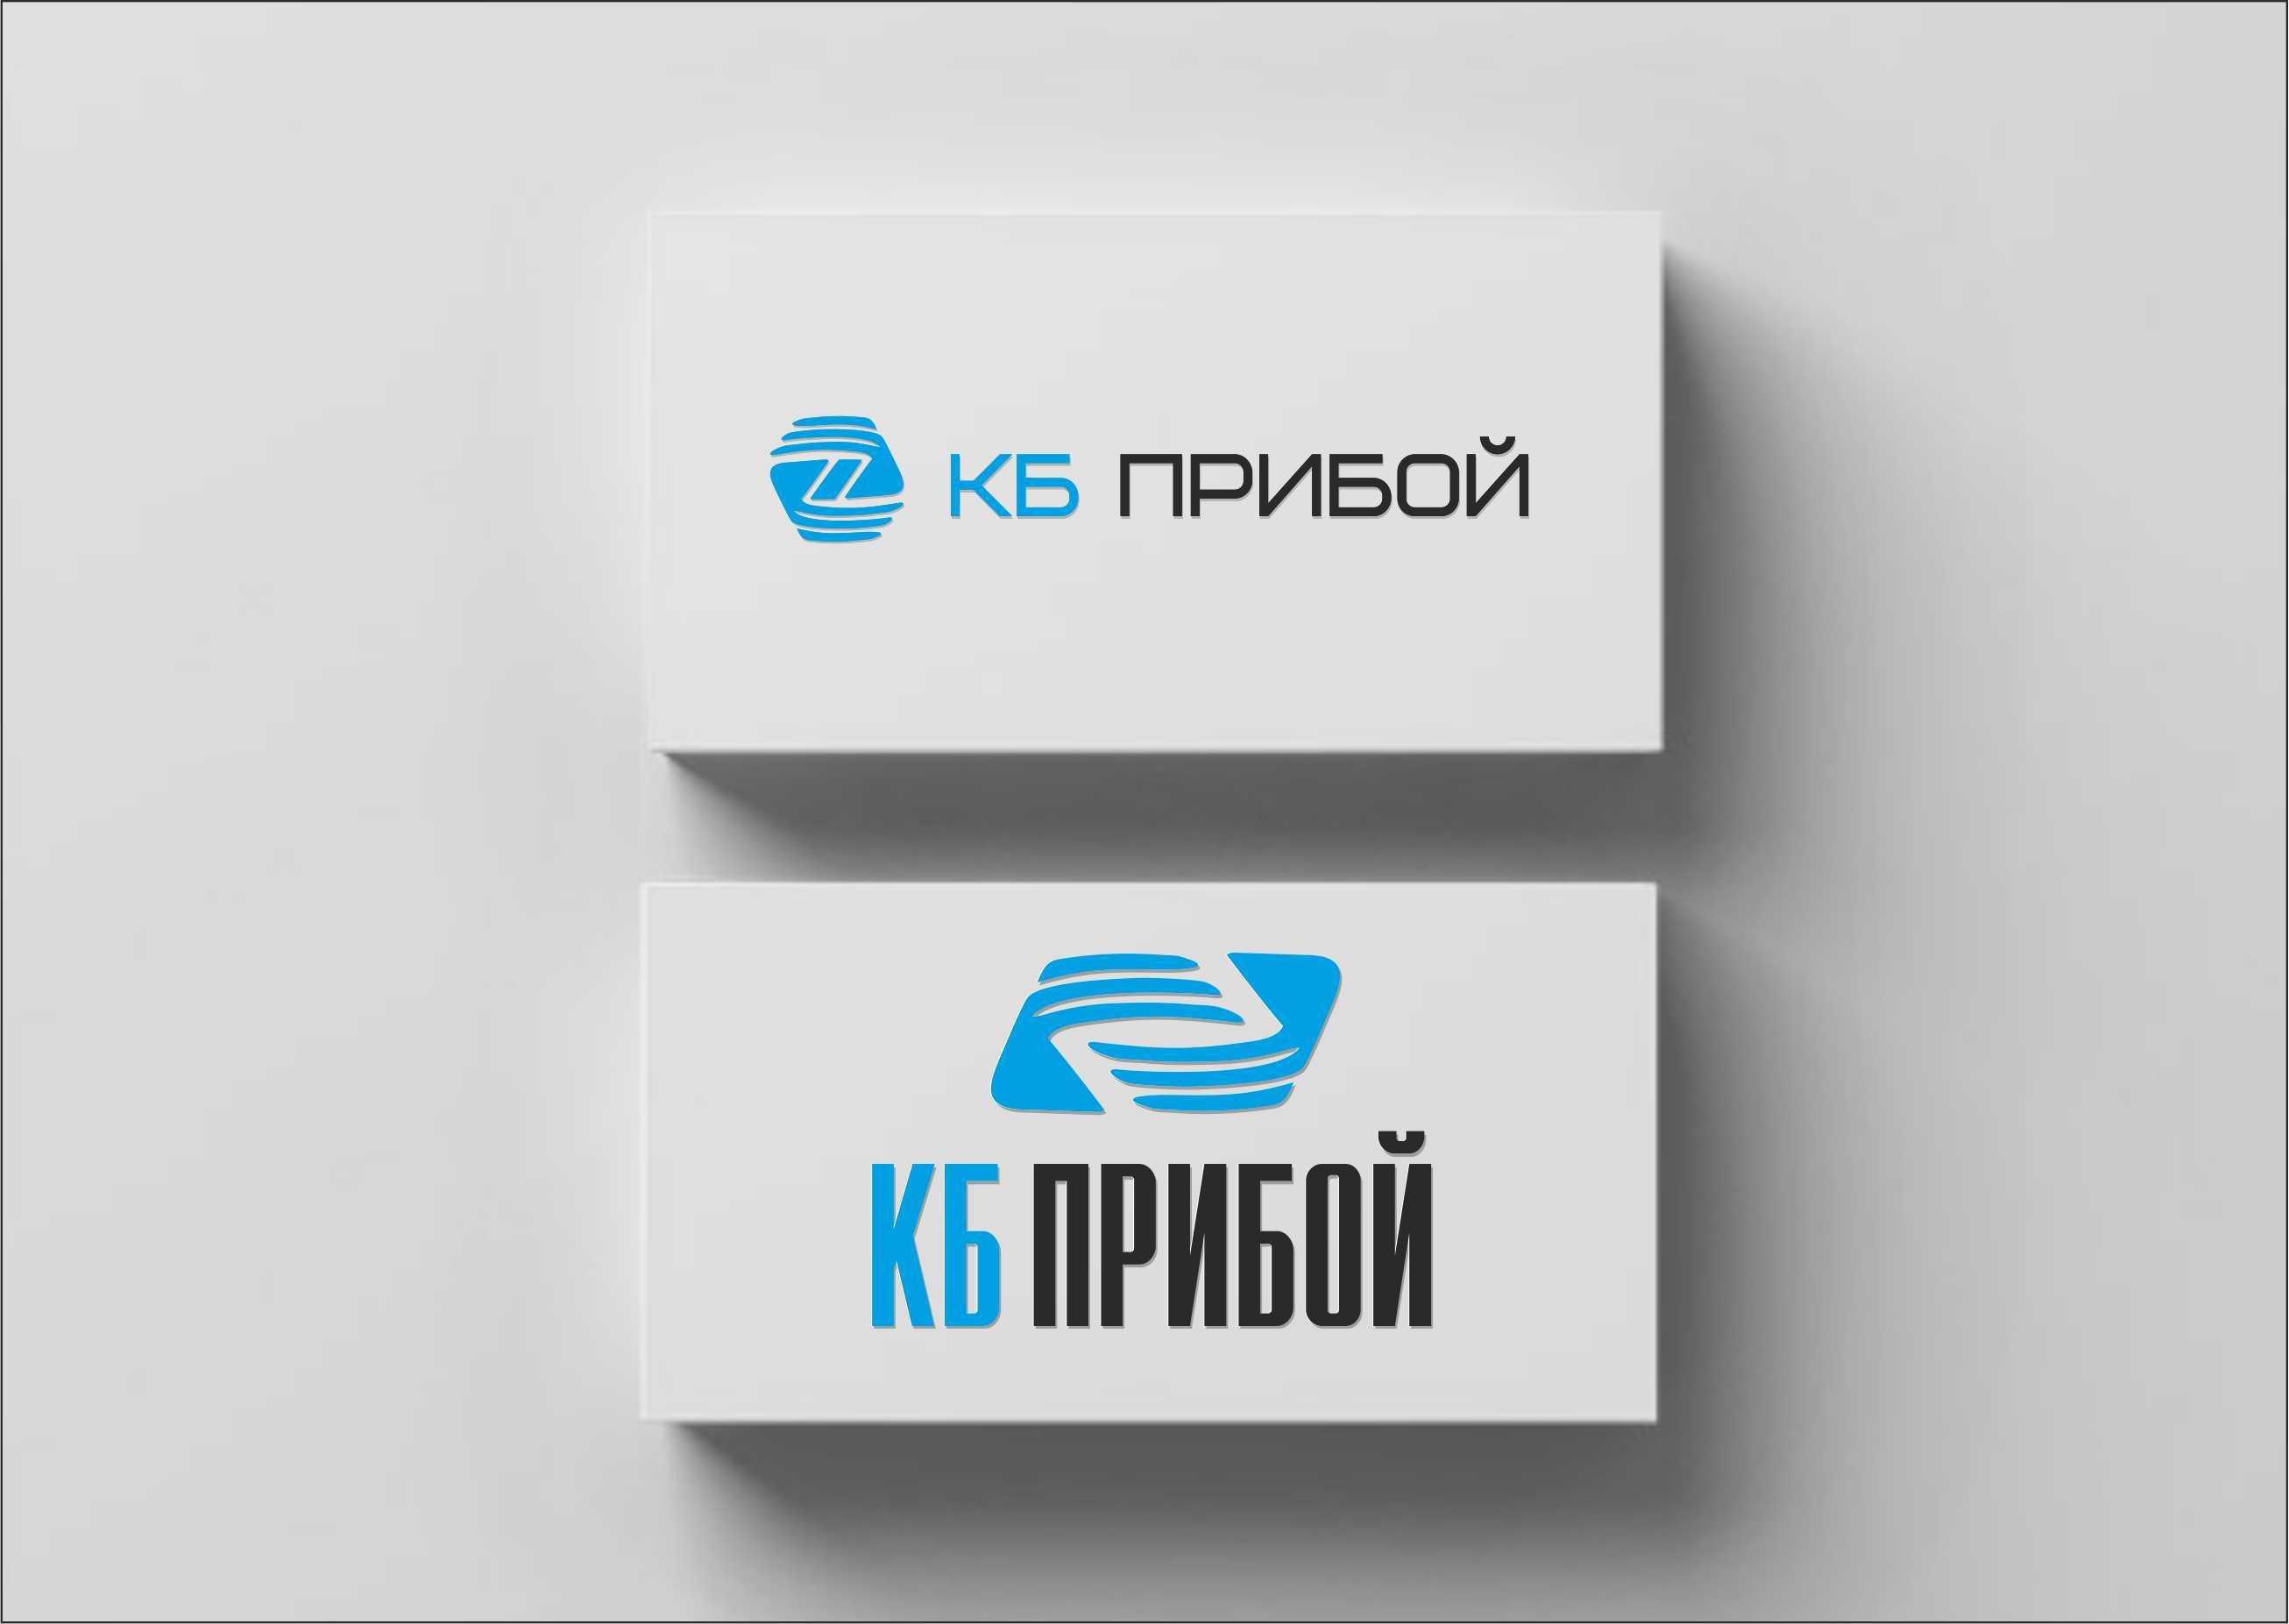 Разработка логотипа и фирменного стиля для КБ Прибой фото f_2535b240b741f3e9.jpg